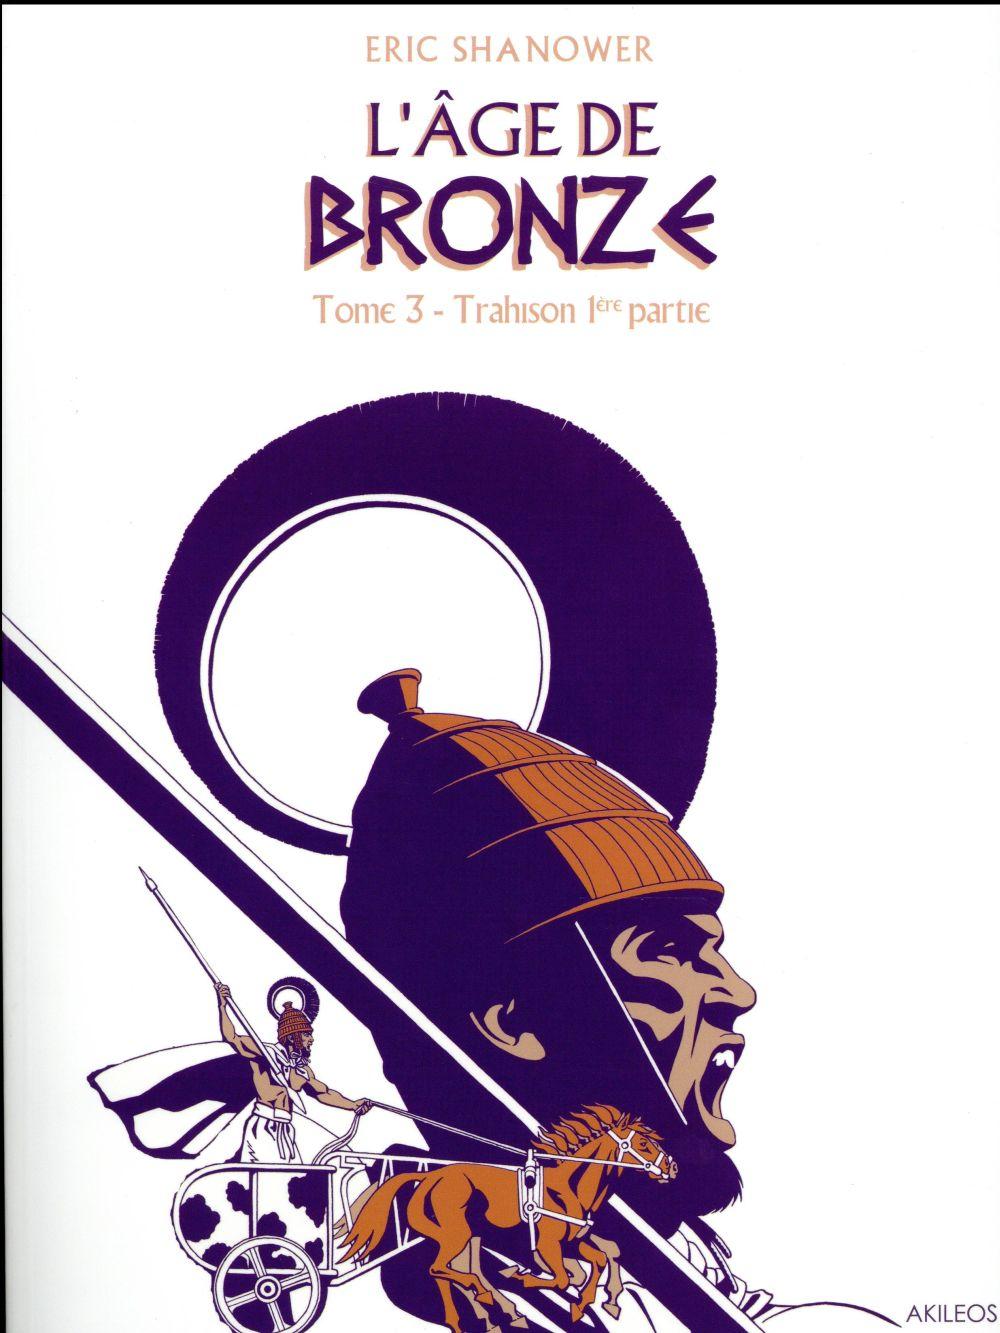 L'AGE DE BRONZE - TOME 3 TRAHISON (1ERE PARTIE)